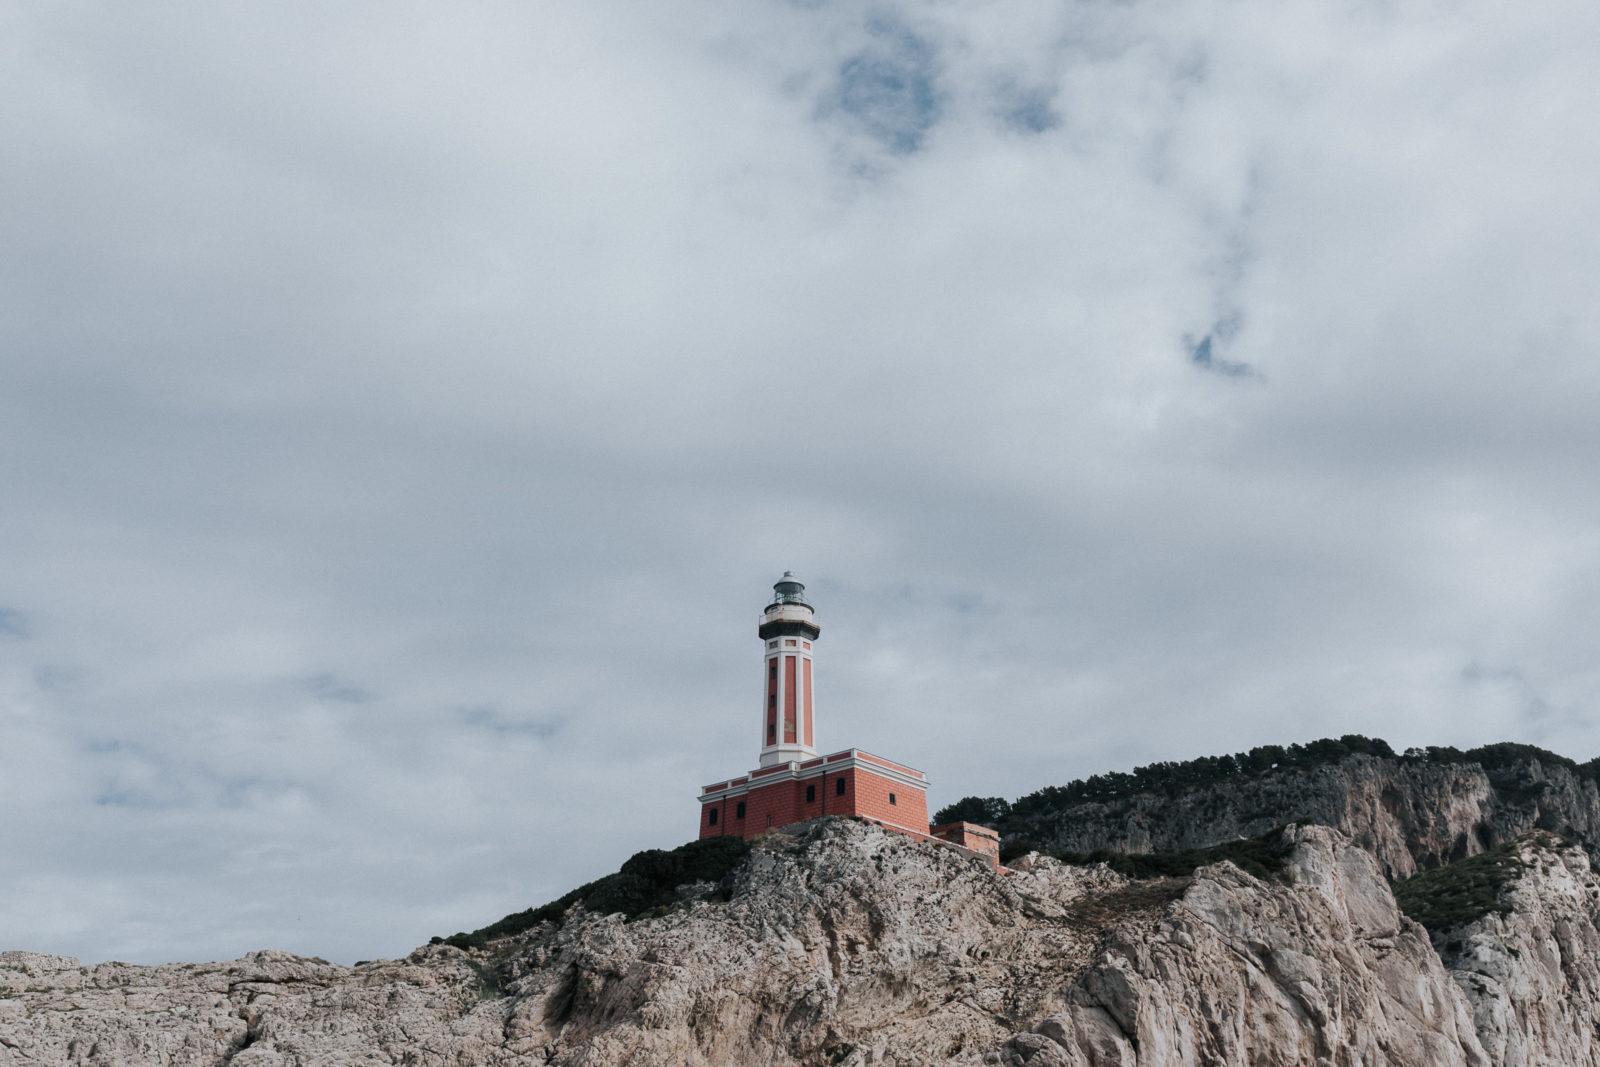 Faro di Punta Carena Leuchtturm Capri Sehenswürdigkeiten